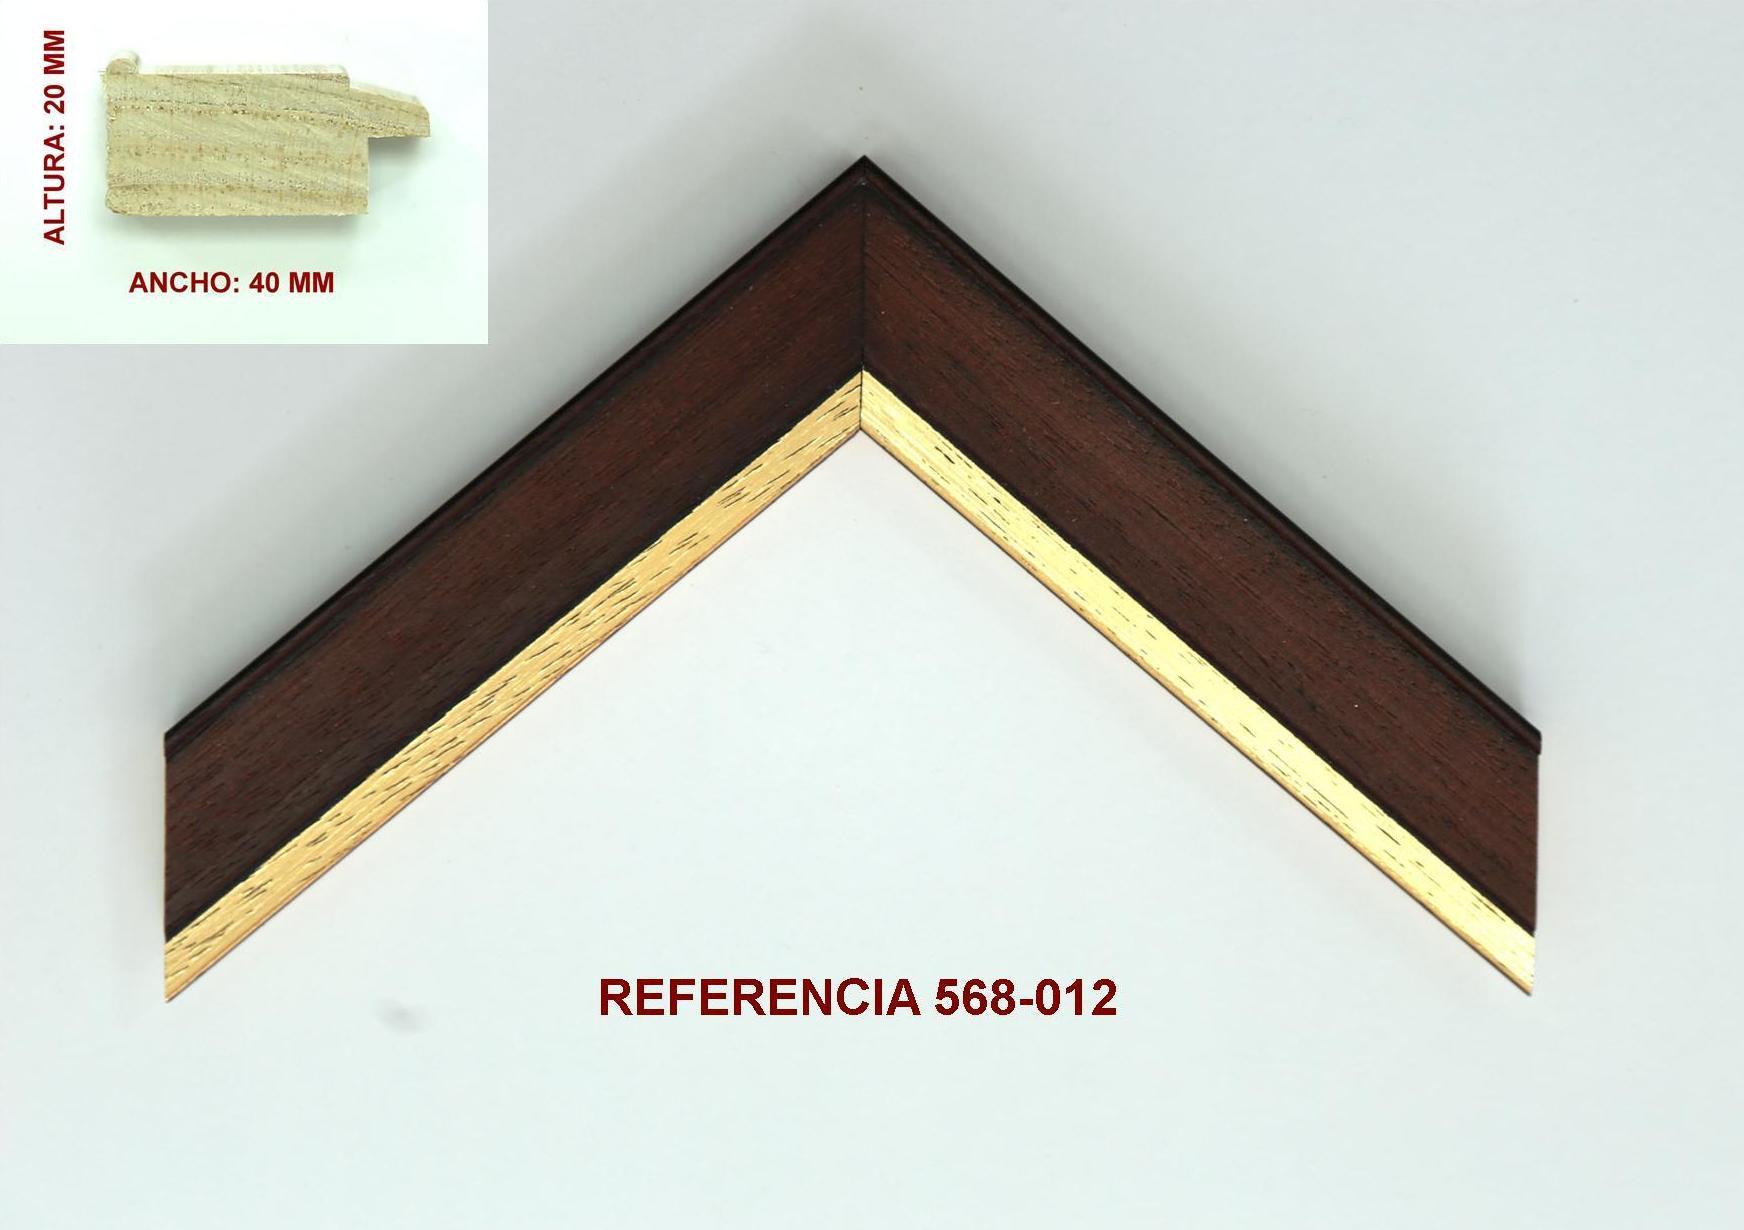 REF 568-012: Muestrario de Moldusevilla